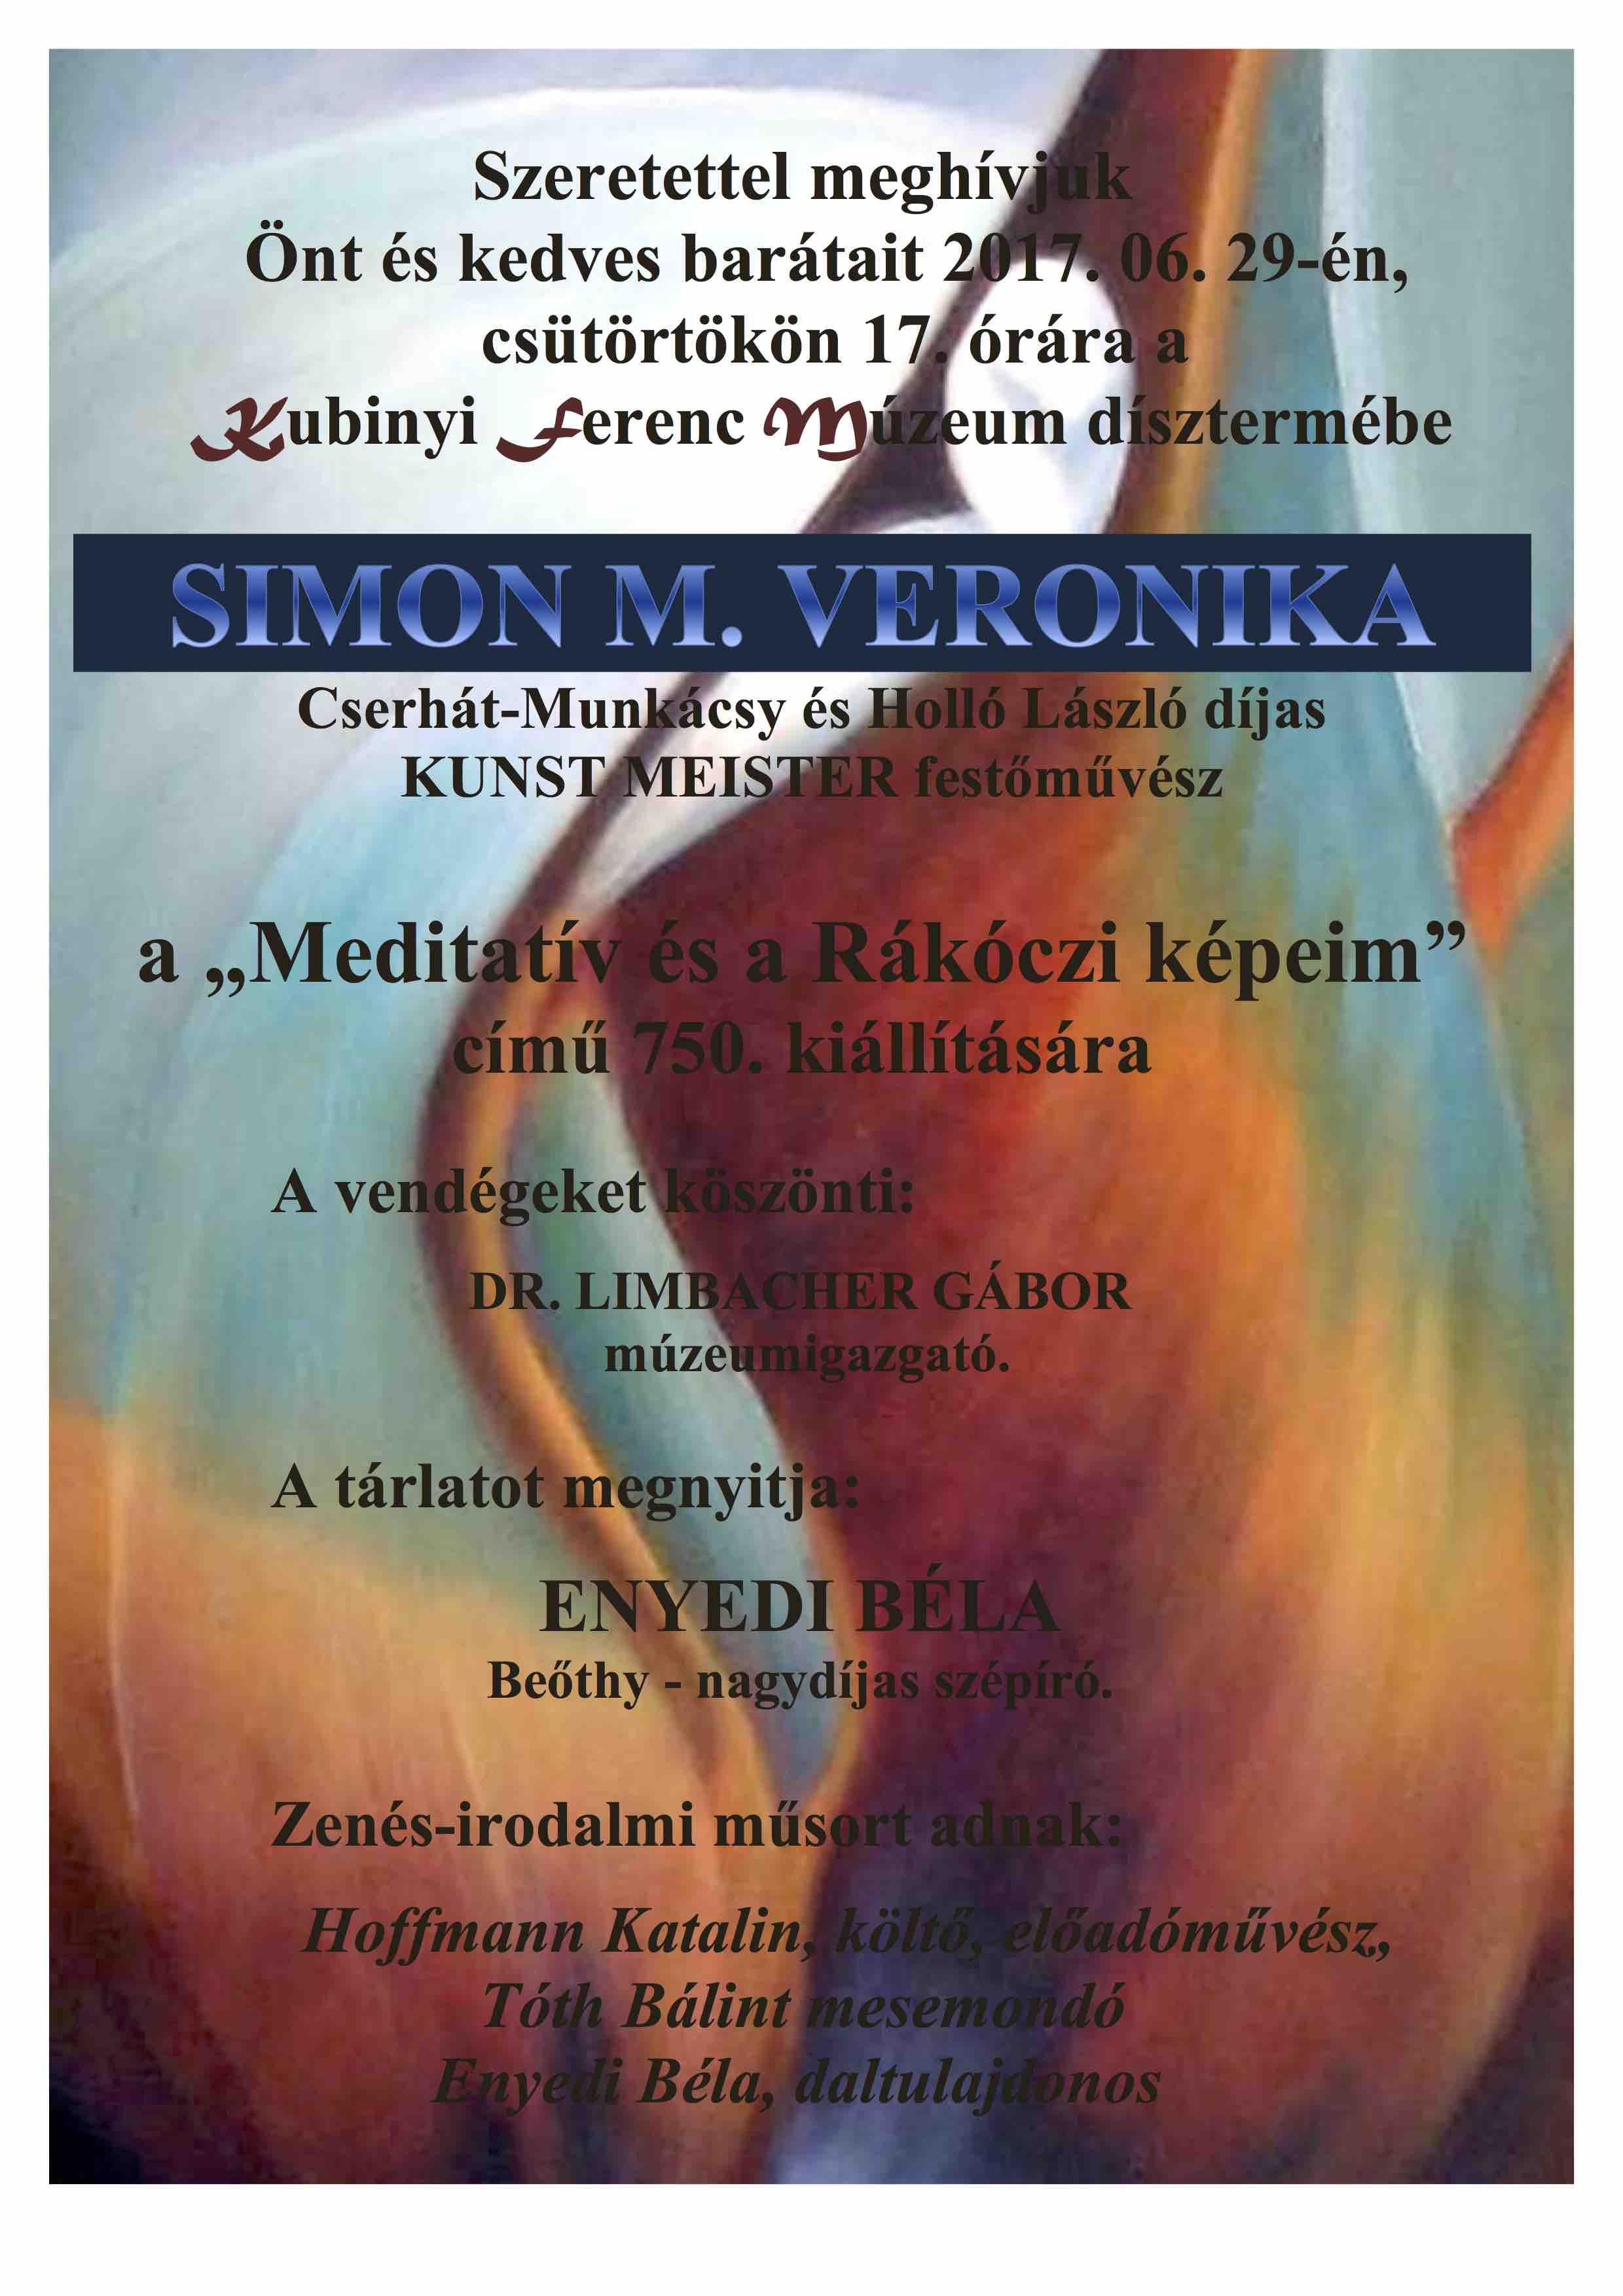 5842556c78 Simon M. Veronika kiállítása